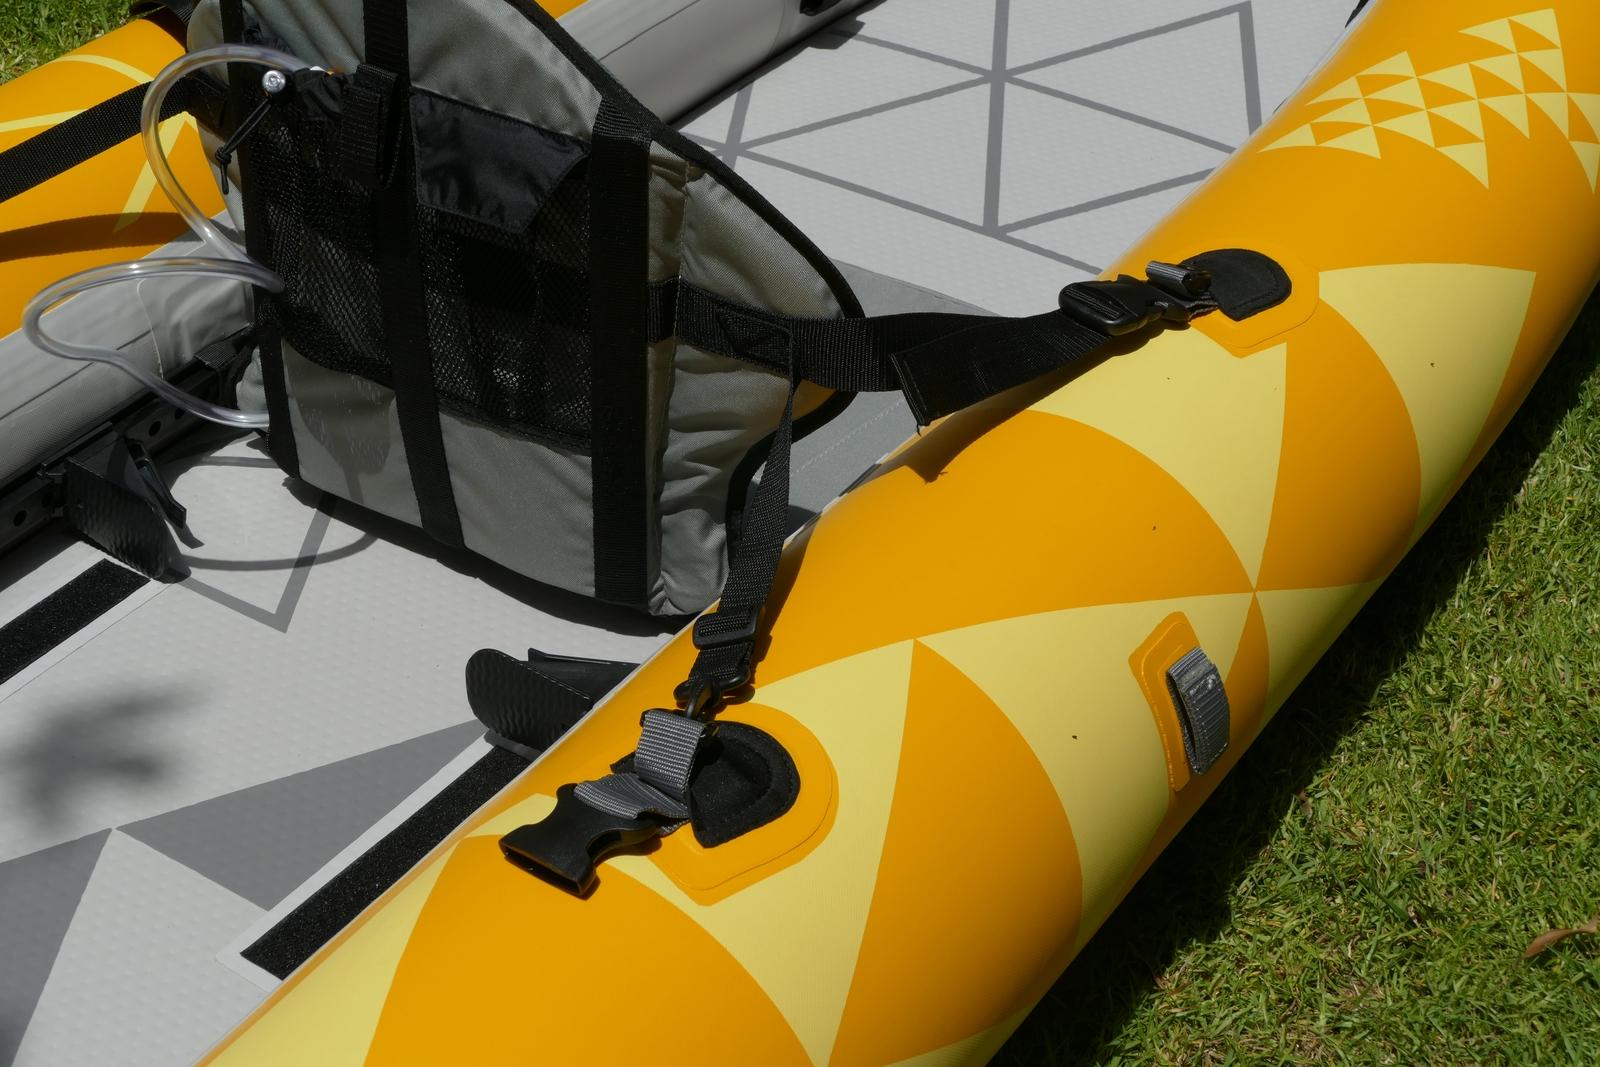 Rear seat straps